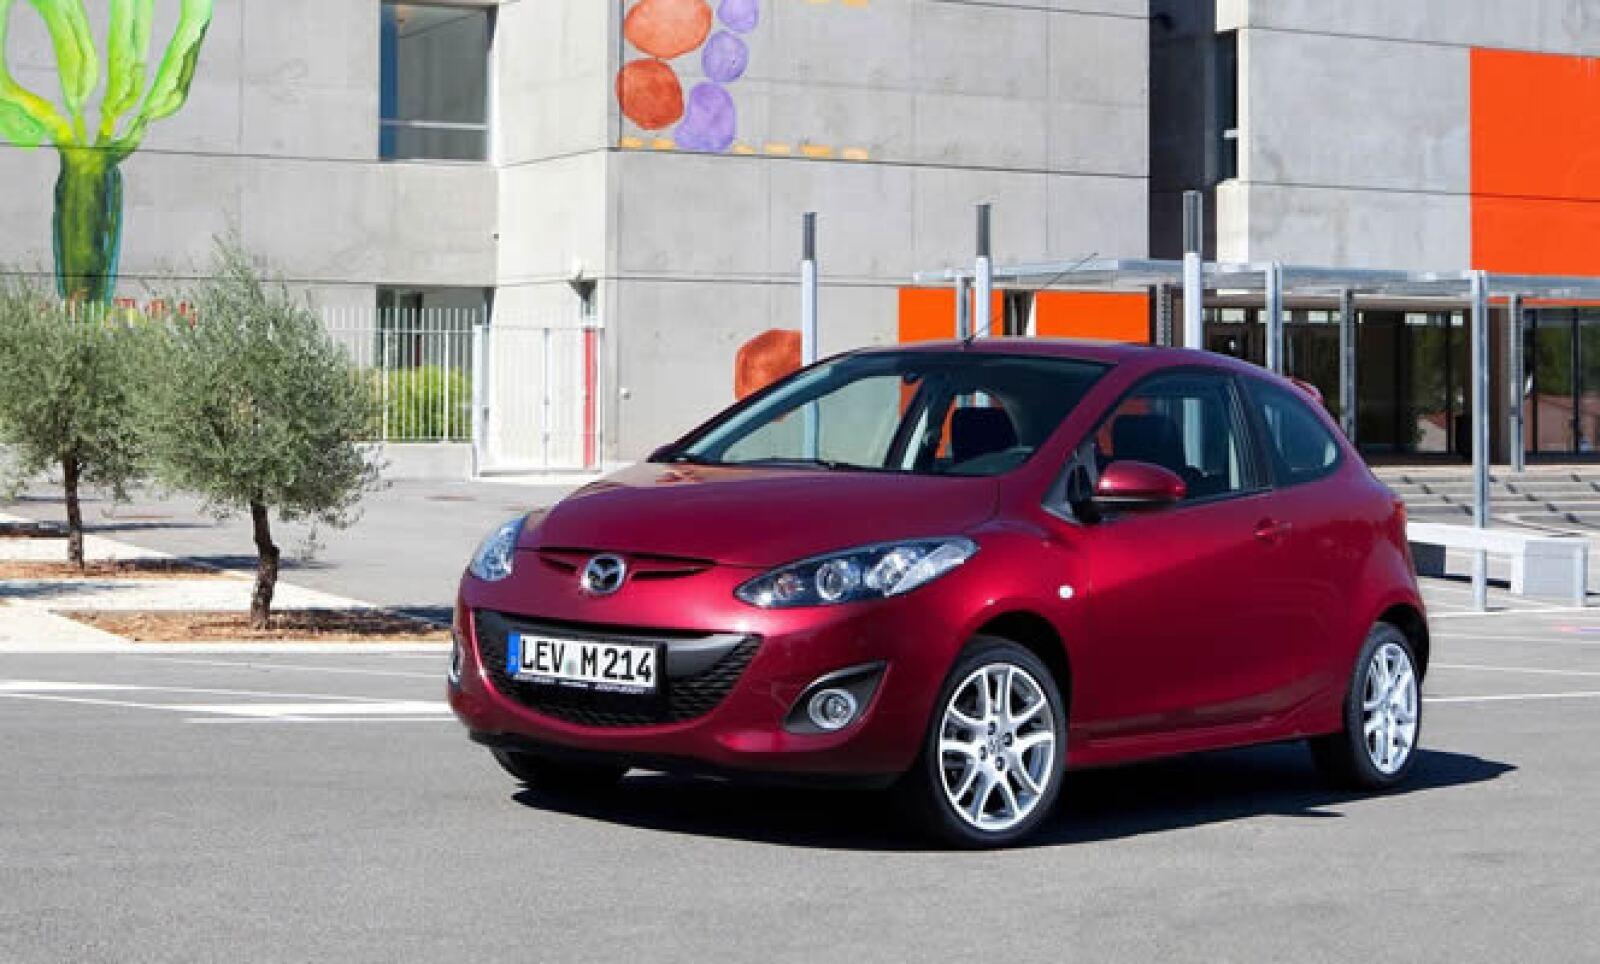 El Mazda 2 fue presentado oficialmente en 2007, también en la feria del automóvil de Nueva York.